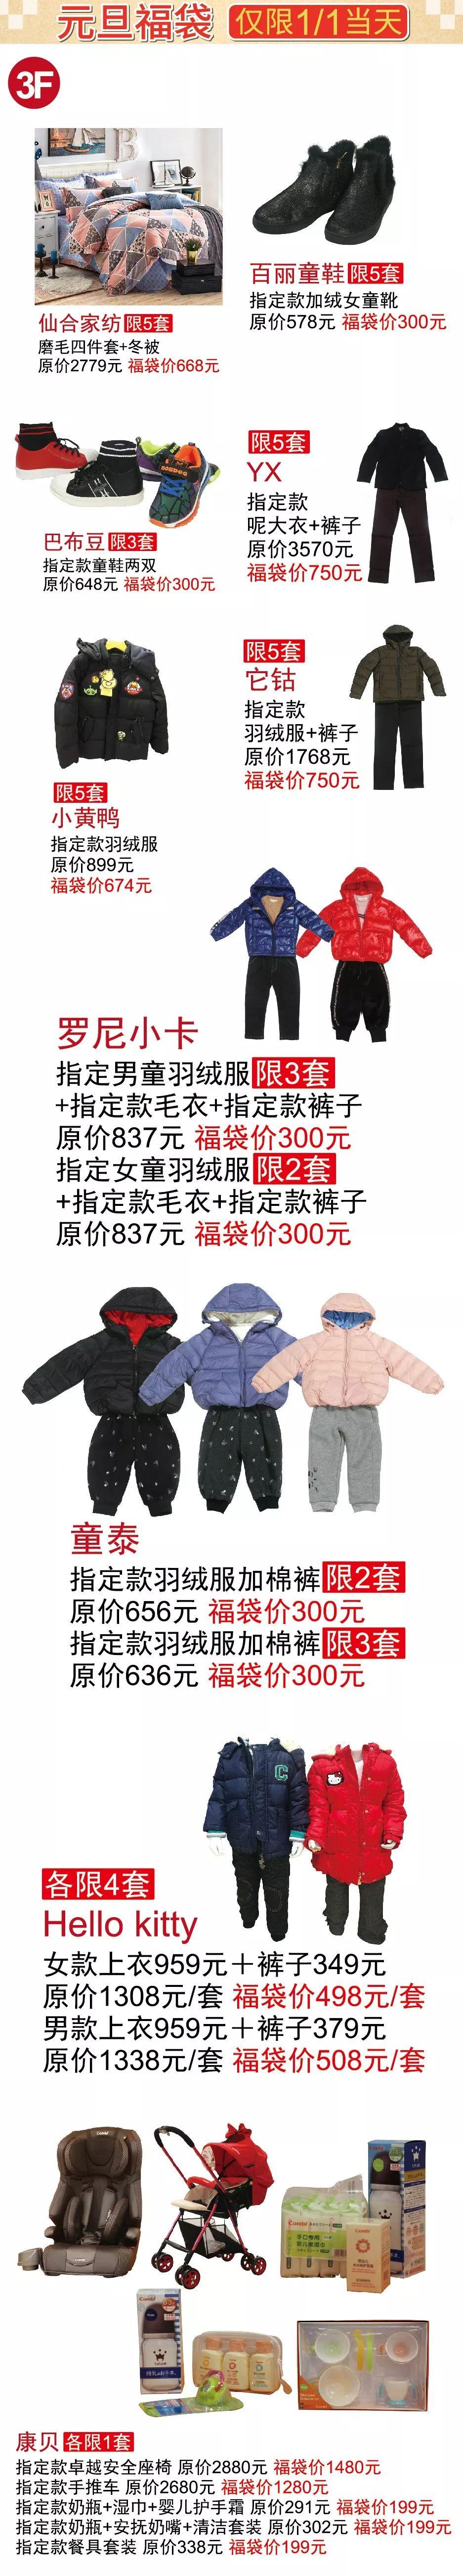 2019元旦苏州泉屋百货打折信息盘点